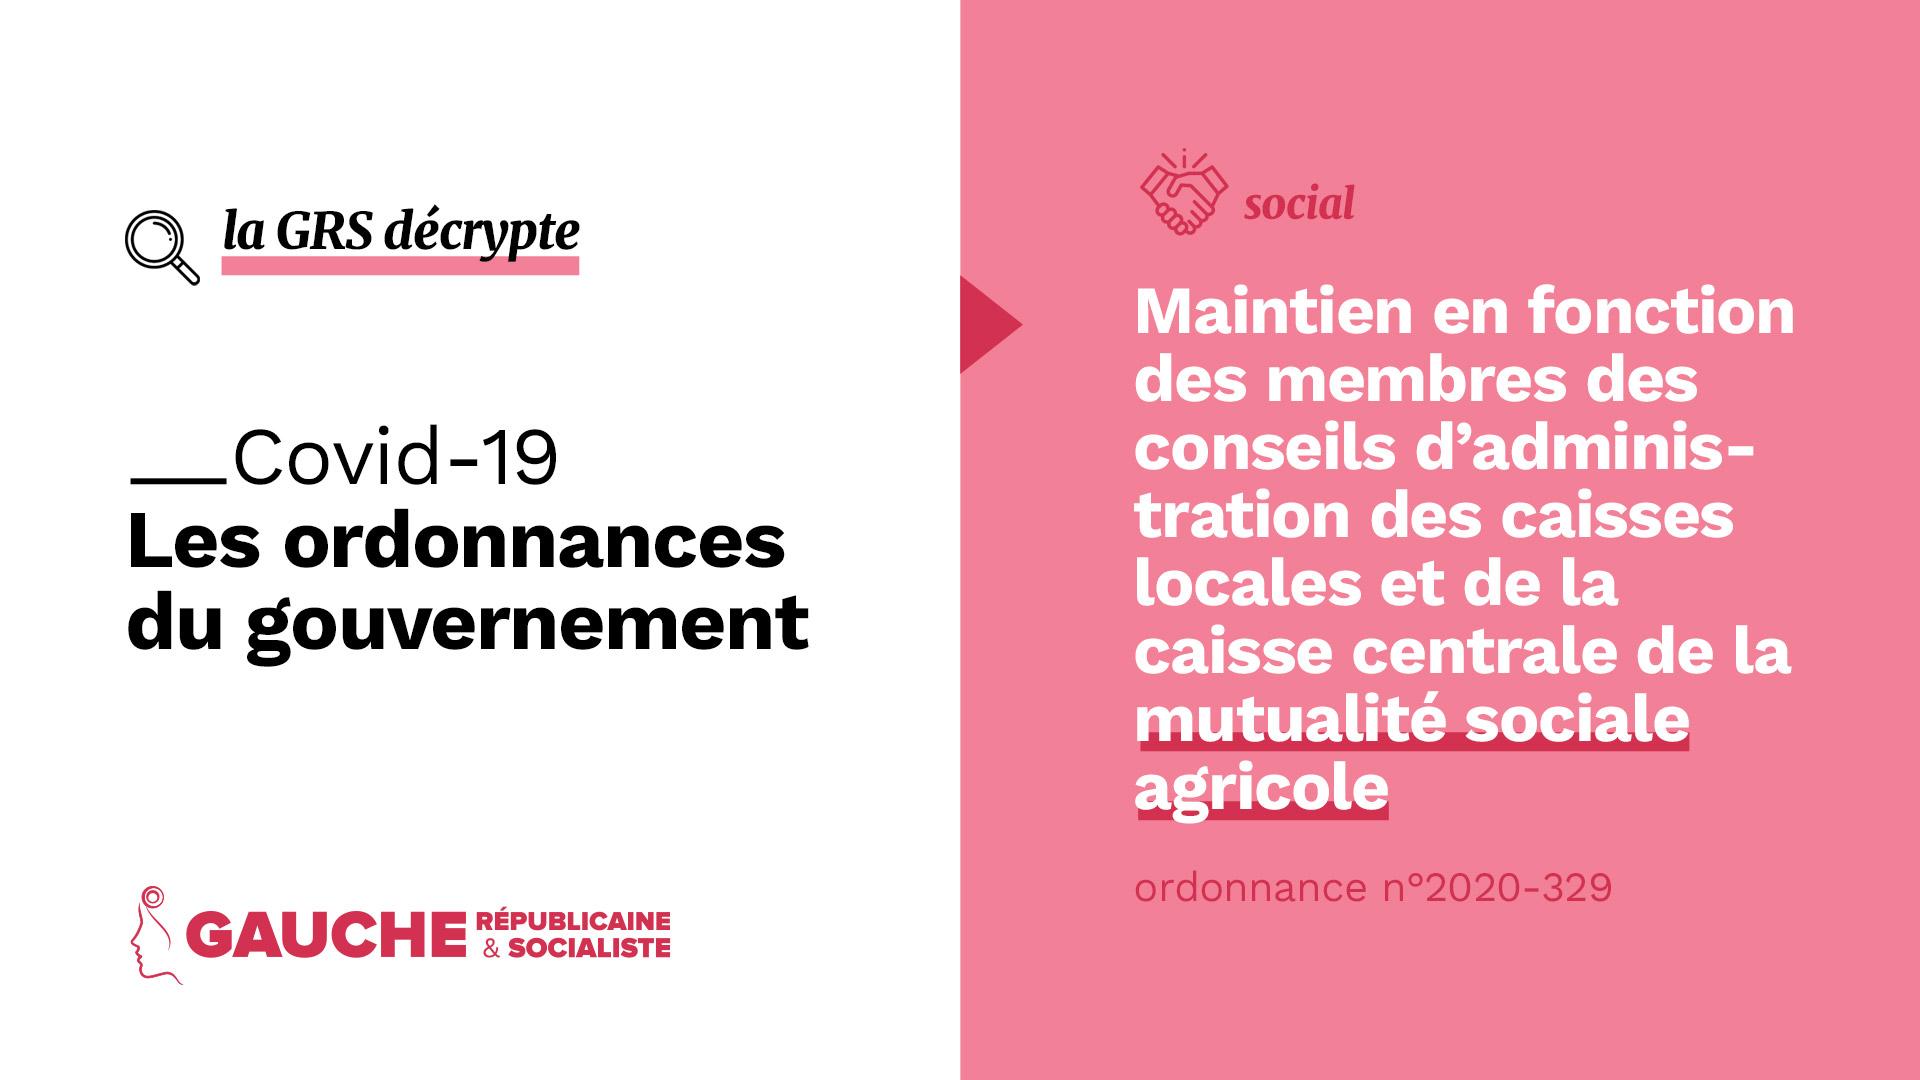 Ordonnance n° 2020-329 du 25 mars 2020 portant maintien en fonction des membres des conseils d'administration des caisses locales et de la caisse centrale de la mutualité sociale agricole